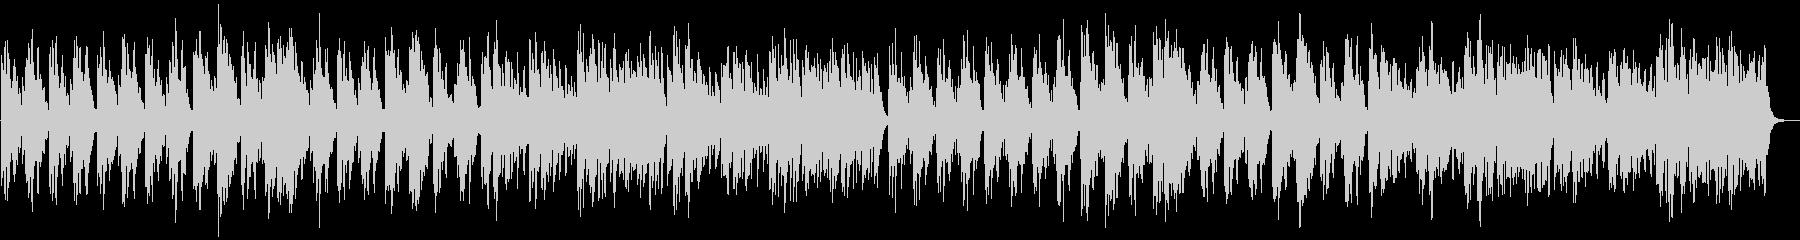 メロディ抜き版の未再生の波形